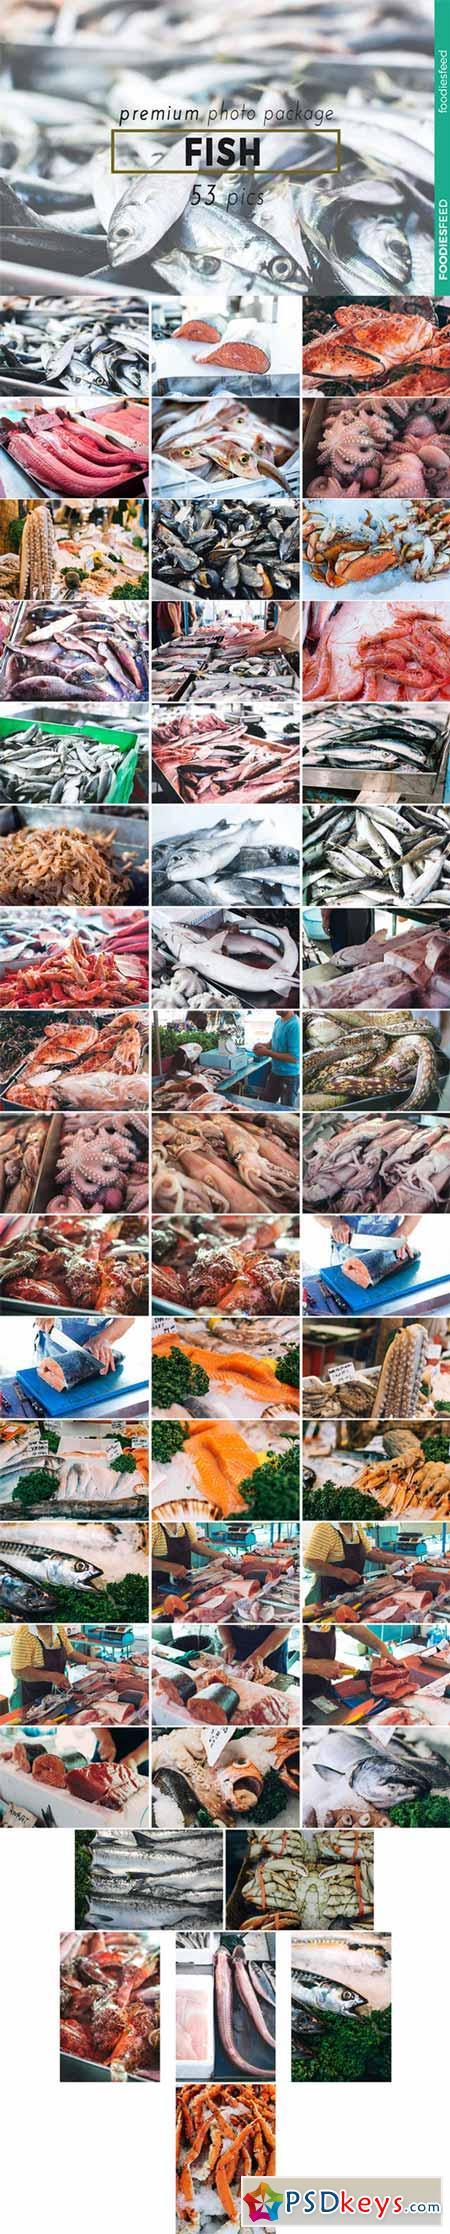 FISH - 53 Premium Photos 505407